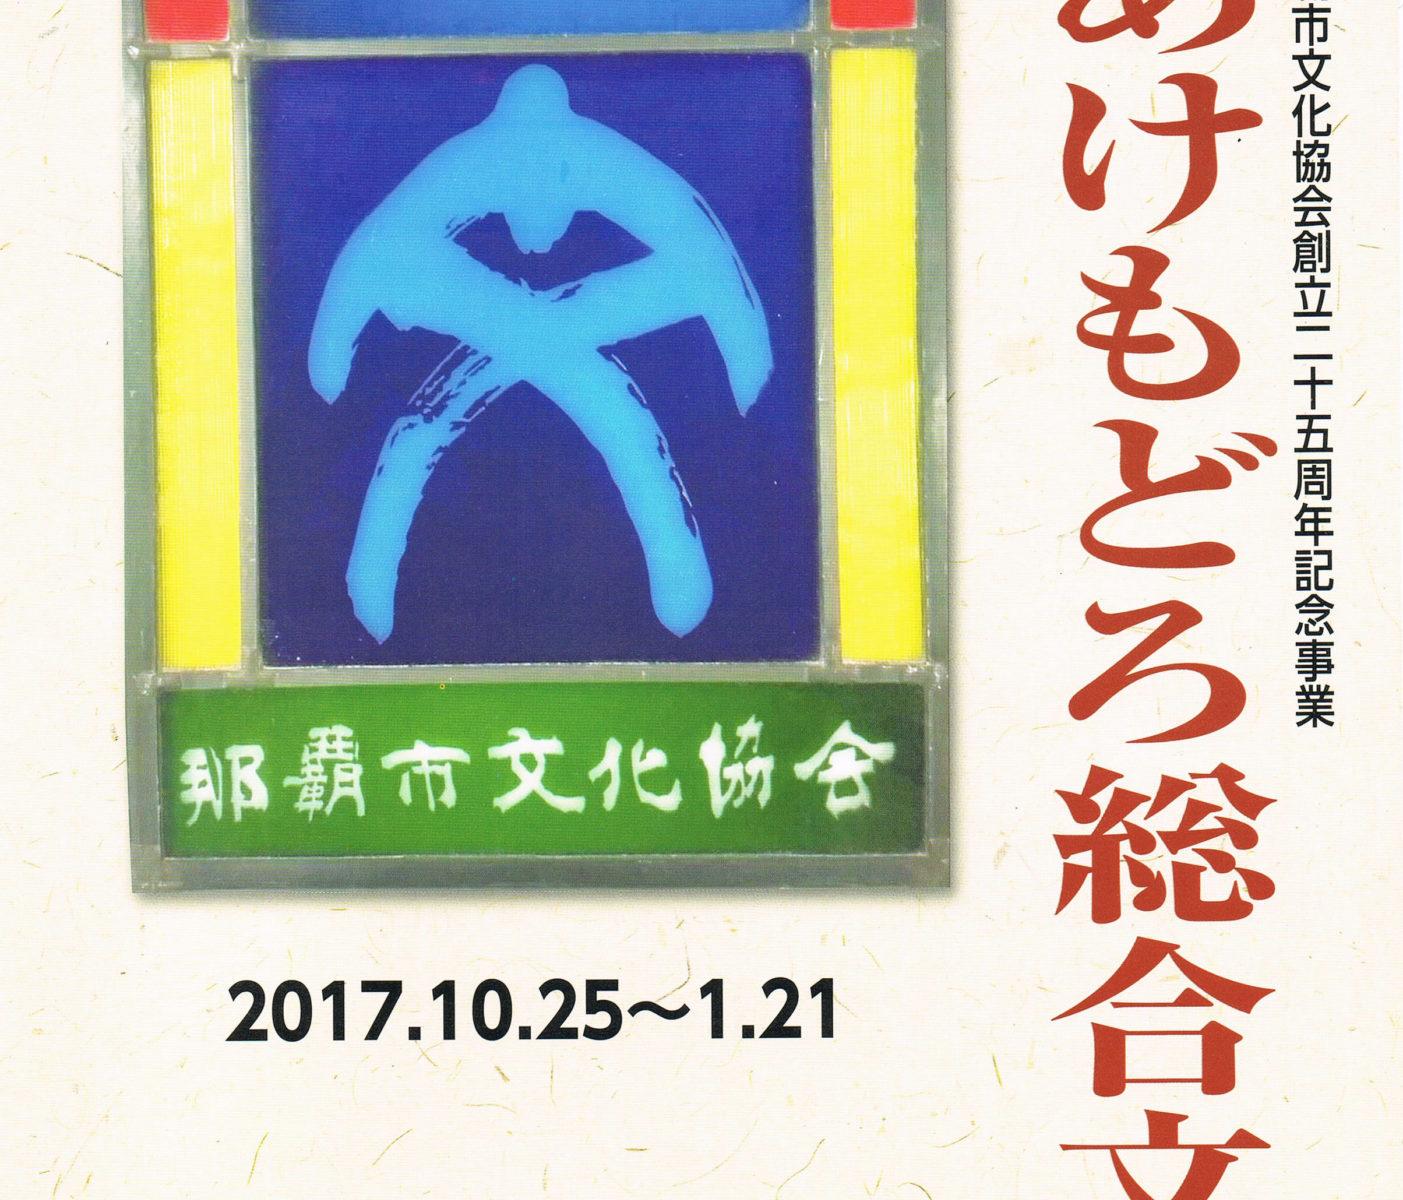 文化協会パンフレット